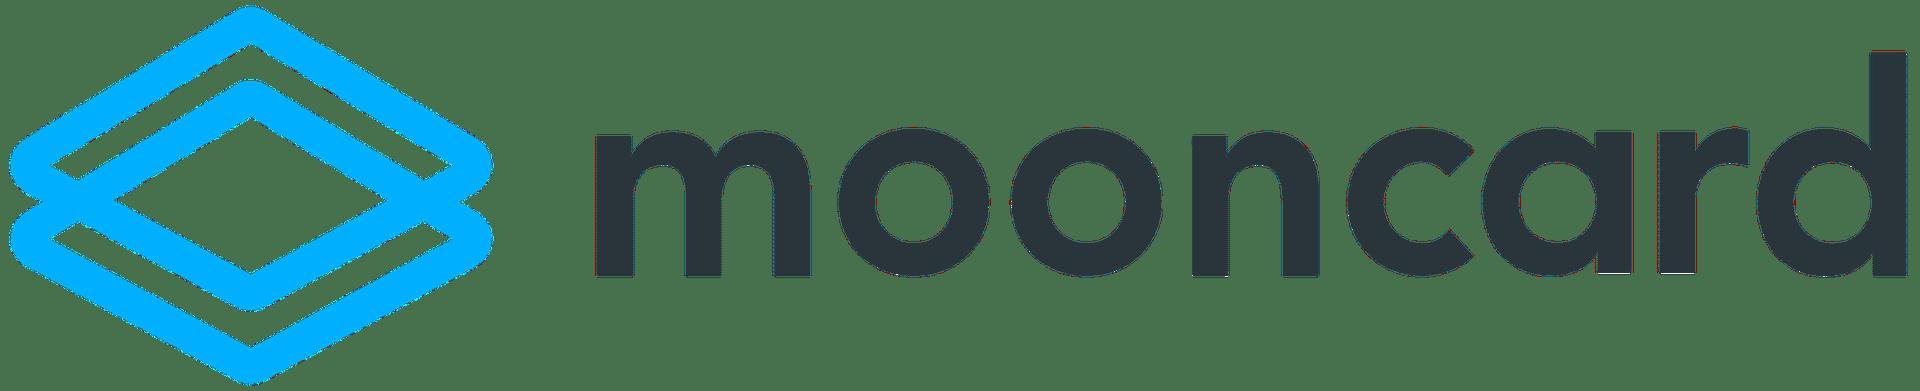 Mooncard : les frais